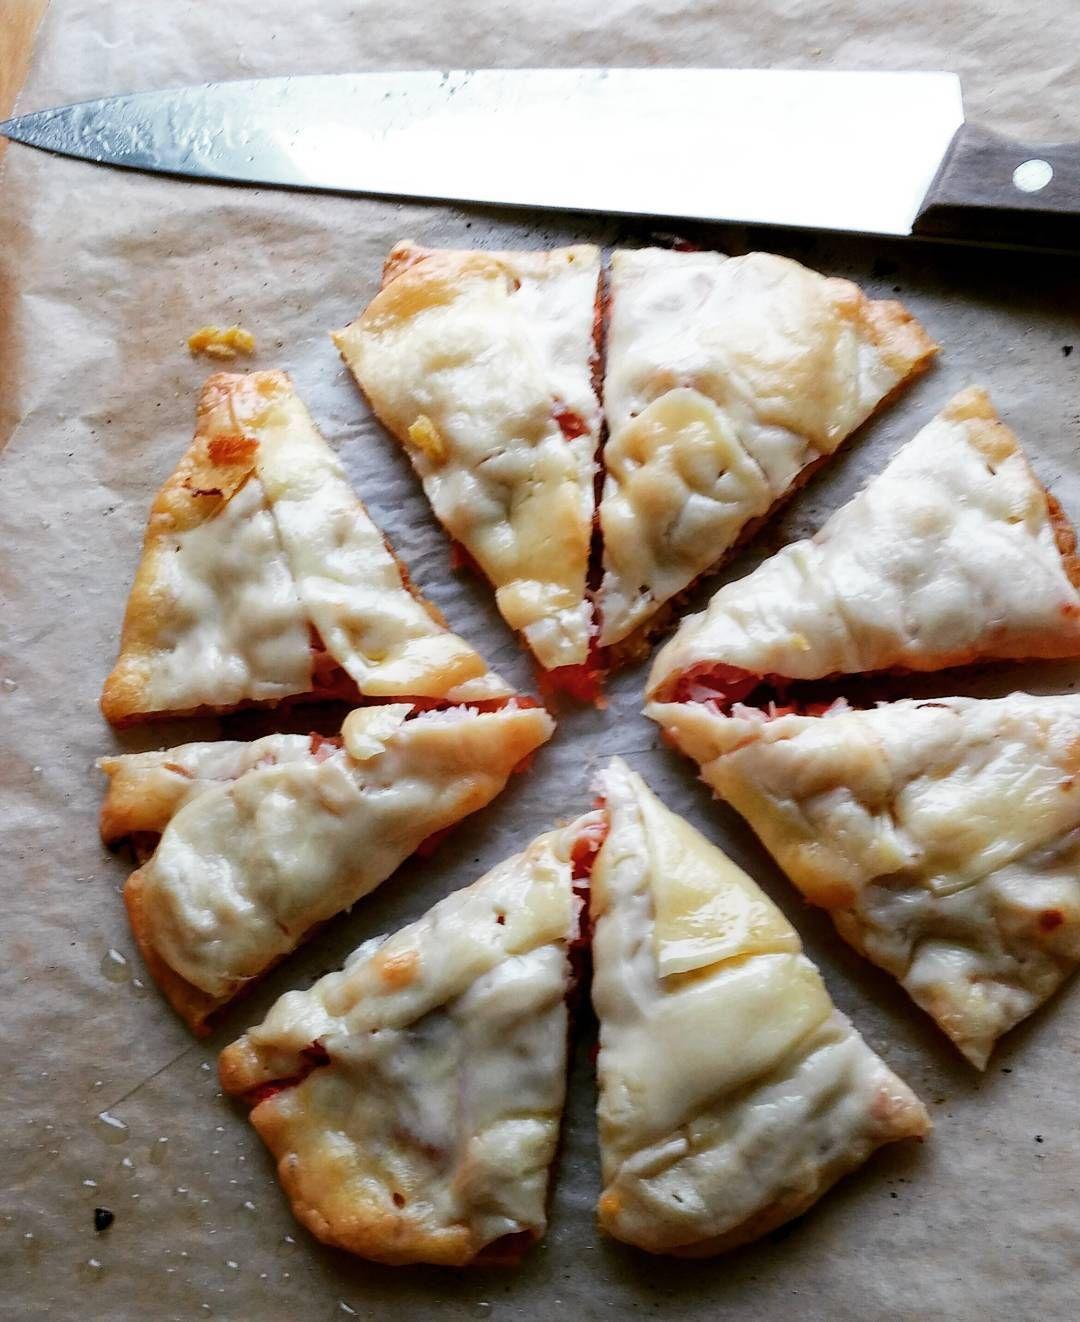 Nyt prototyypit loppu. Periaatteessa hiilihydraatiton gluteeniton pizzapohja joka ei koostu kukkakaalista tms kananmunasta tai juustosta. #itsetehty #ruokablogi #ruoka#kotiruoka #herkkusuu #lautasella#ketodieetti #Herkkusuunlautasella